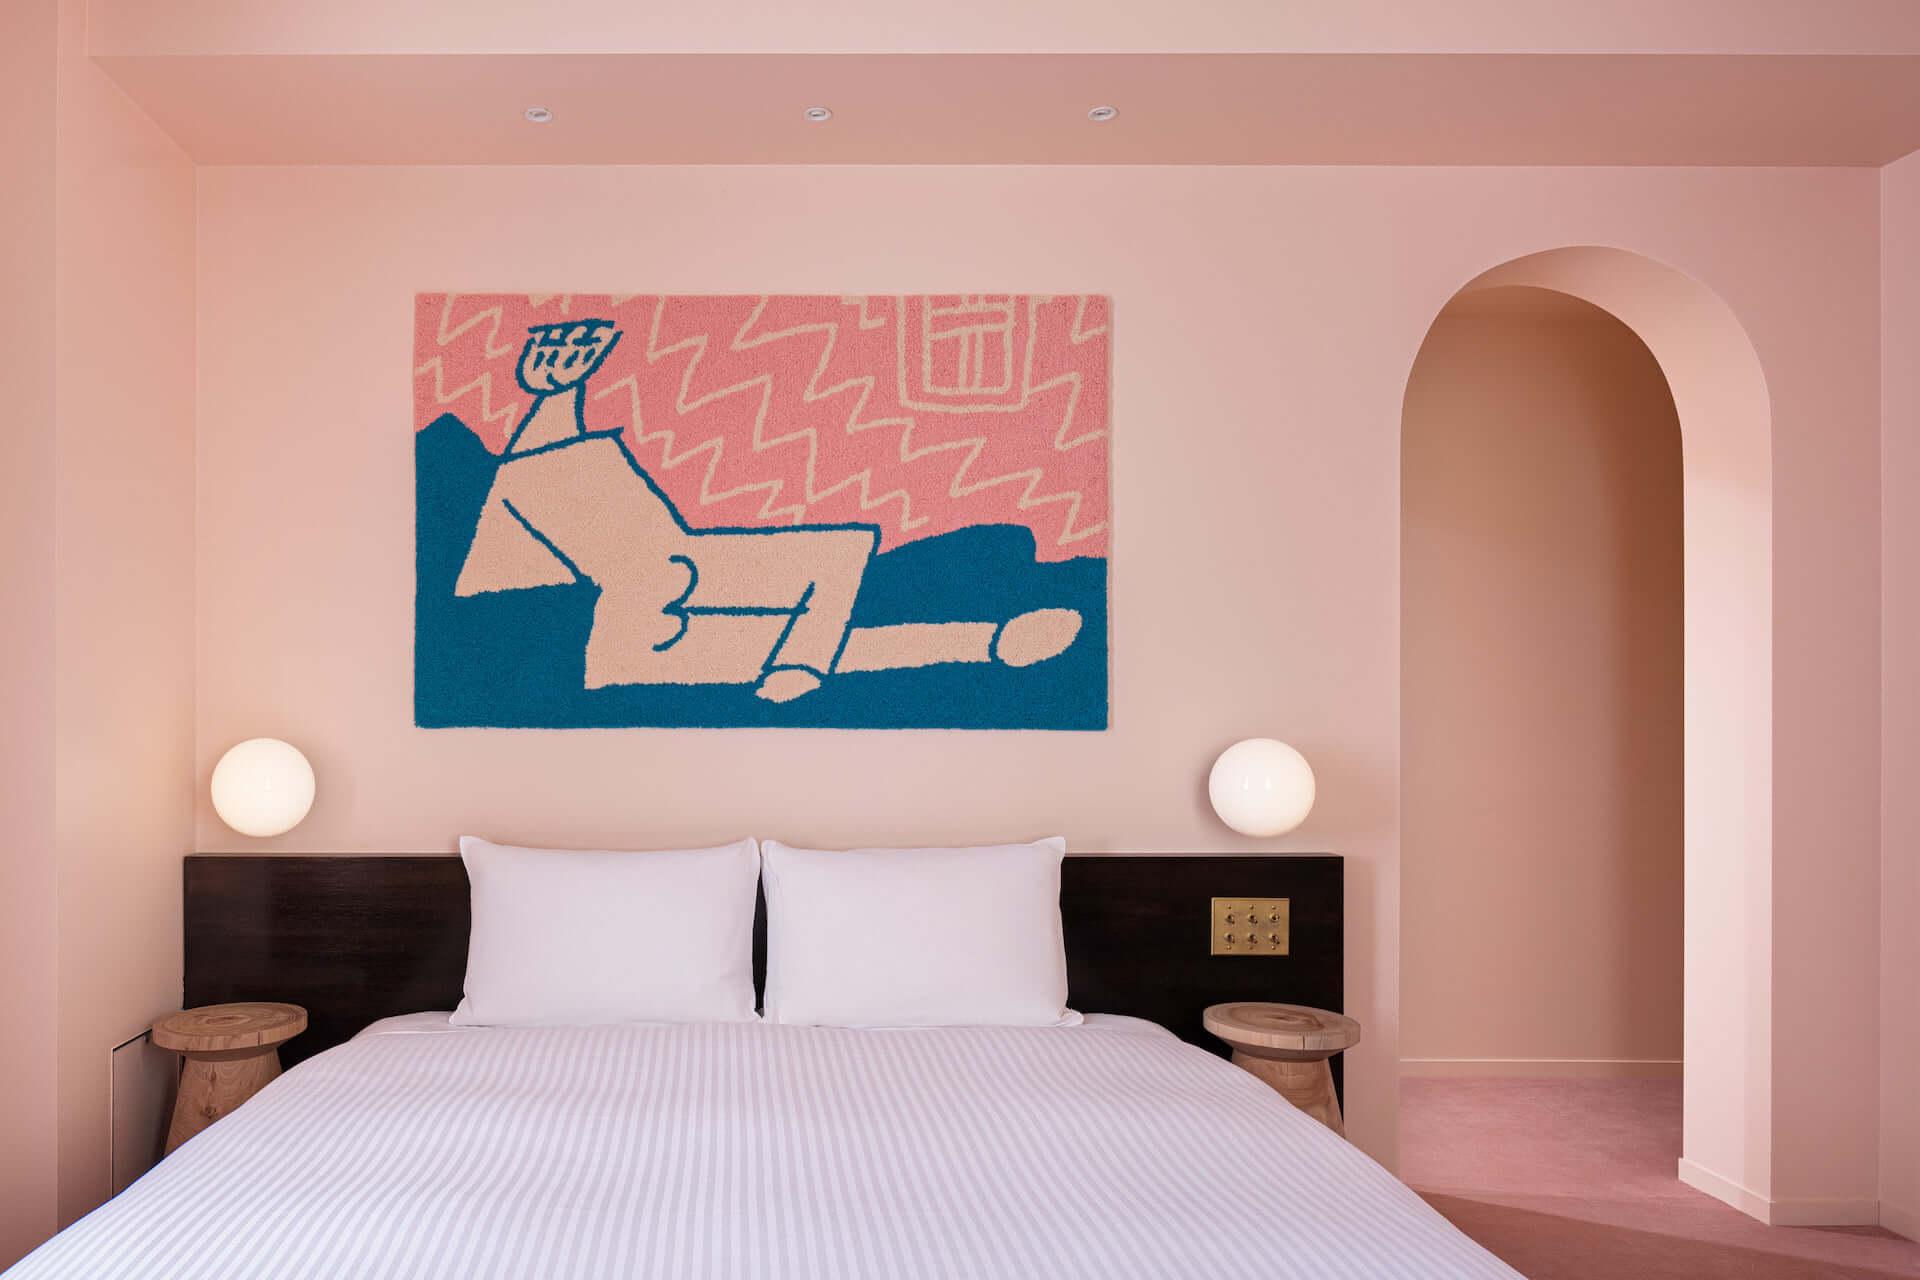 泊まれるアート作品が26部屋も!YOSHIROTTEN、カワムラユキらが参加したオルタナティブホテル「BnA_WALL」が日本橋にプレオープン lf201203_bna-wall_12-1920x1280